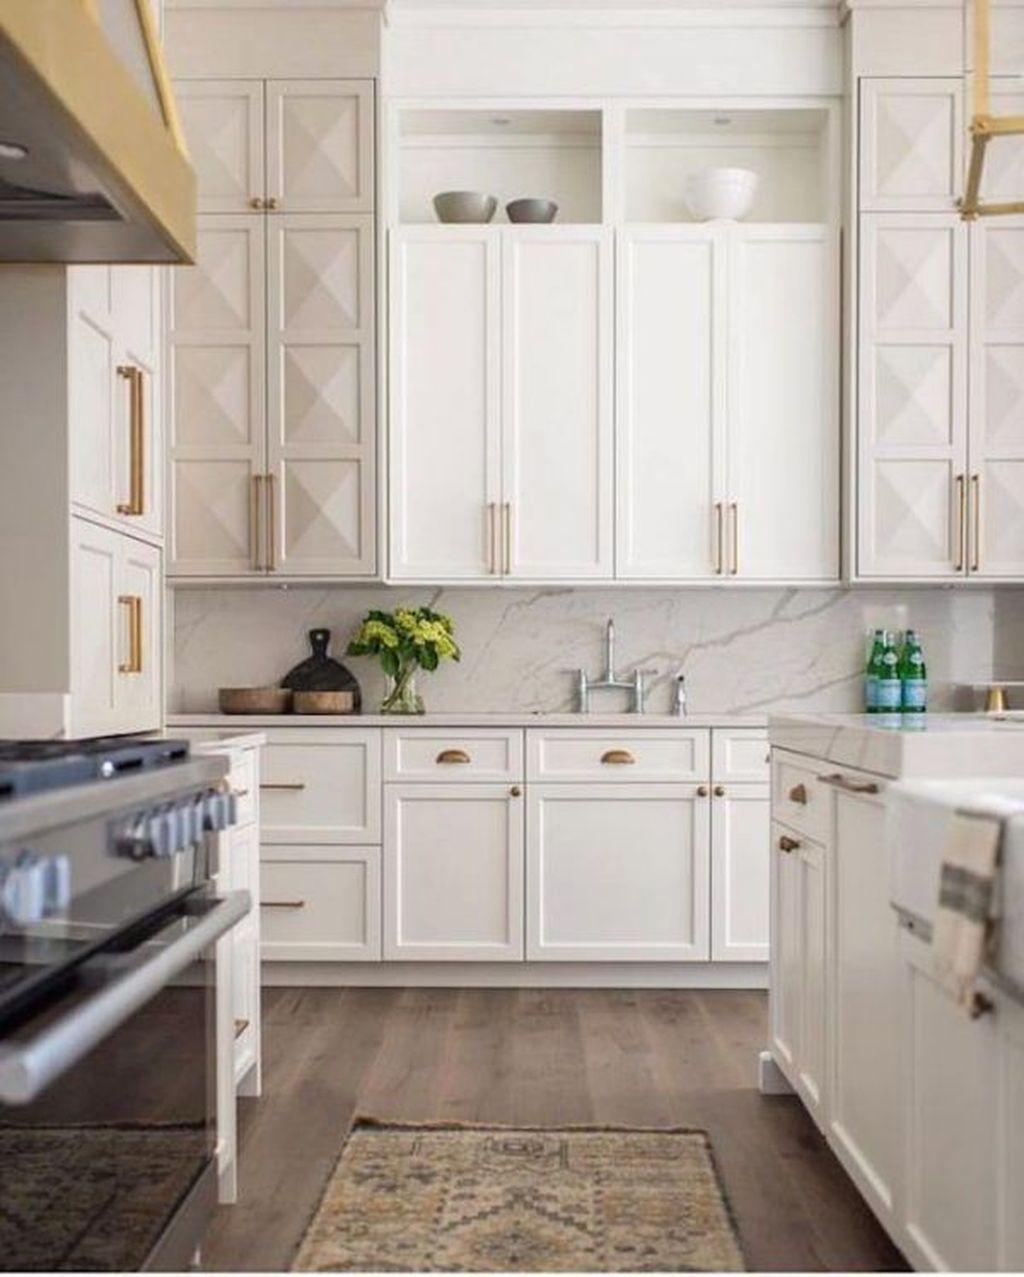 30 Classy Kitchen Decorating Ideas To Try This Year Interior Design Kitchen Kitchen Renovation Kitchen Cabinet Design